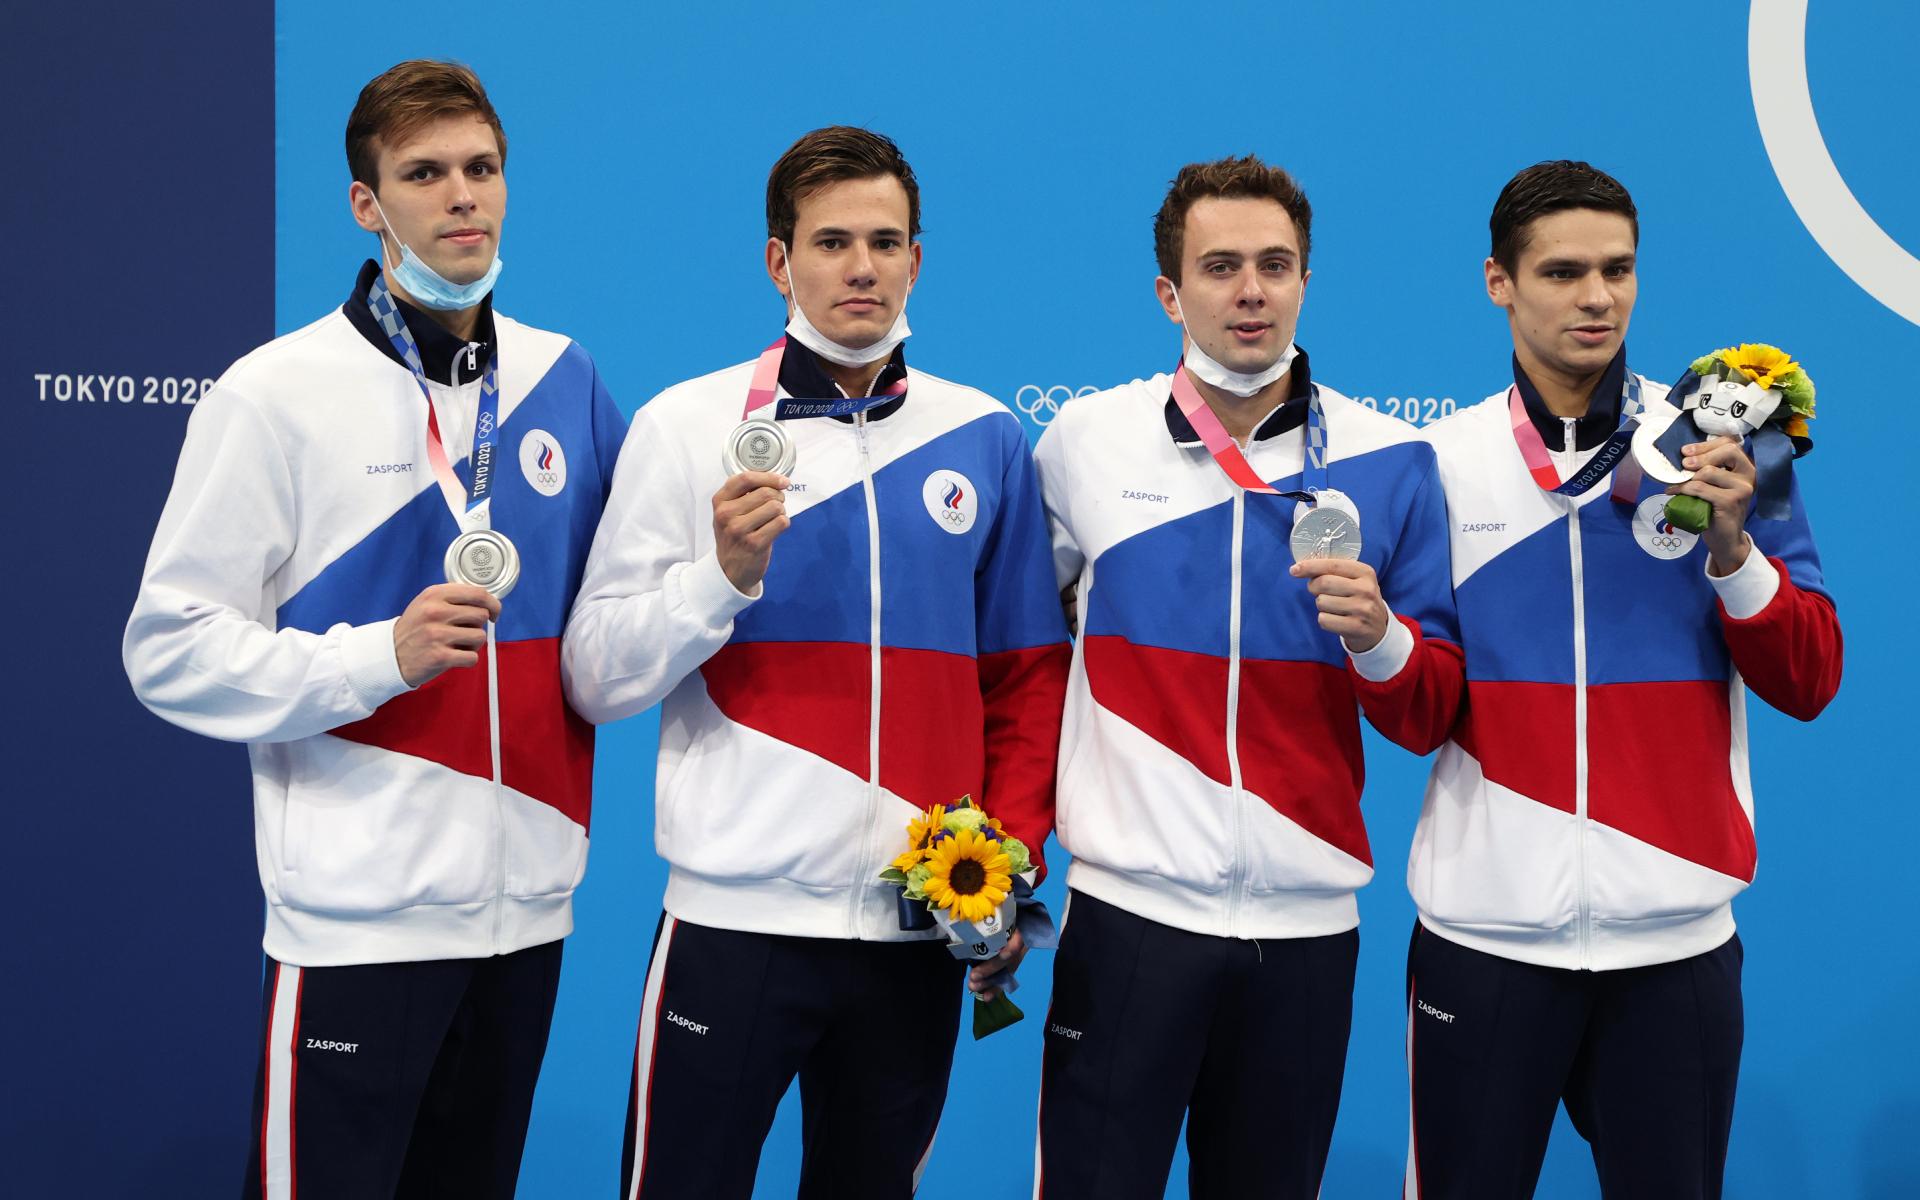 Иван Гирев, Мартин Малютин, Михаил Довгалюк, Евгений Рылов - серебряные призеры Олимпиады в эстафете 4х200 м вольным стилем